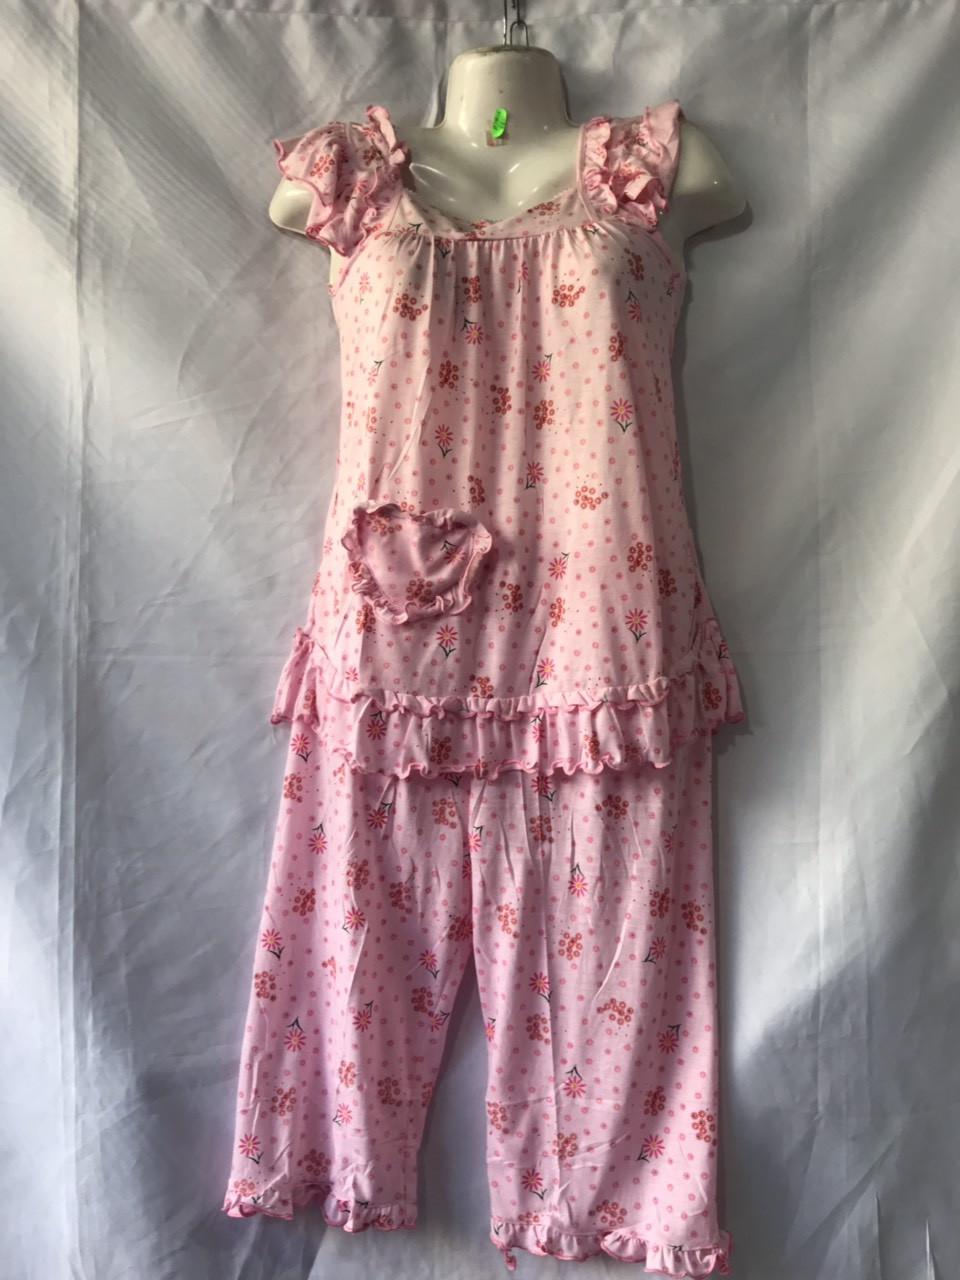 Пижама рубашка + бриджи женские размер M-3XL (от 5 шт)